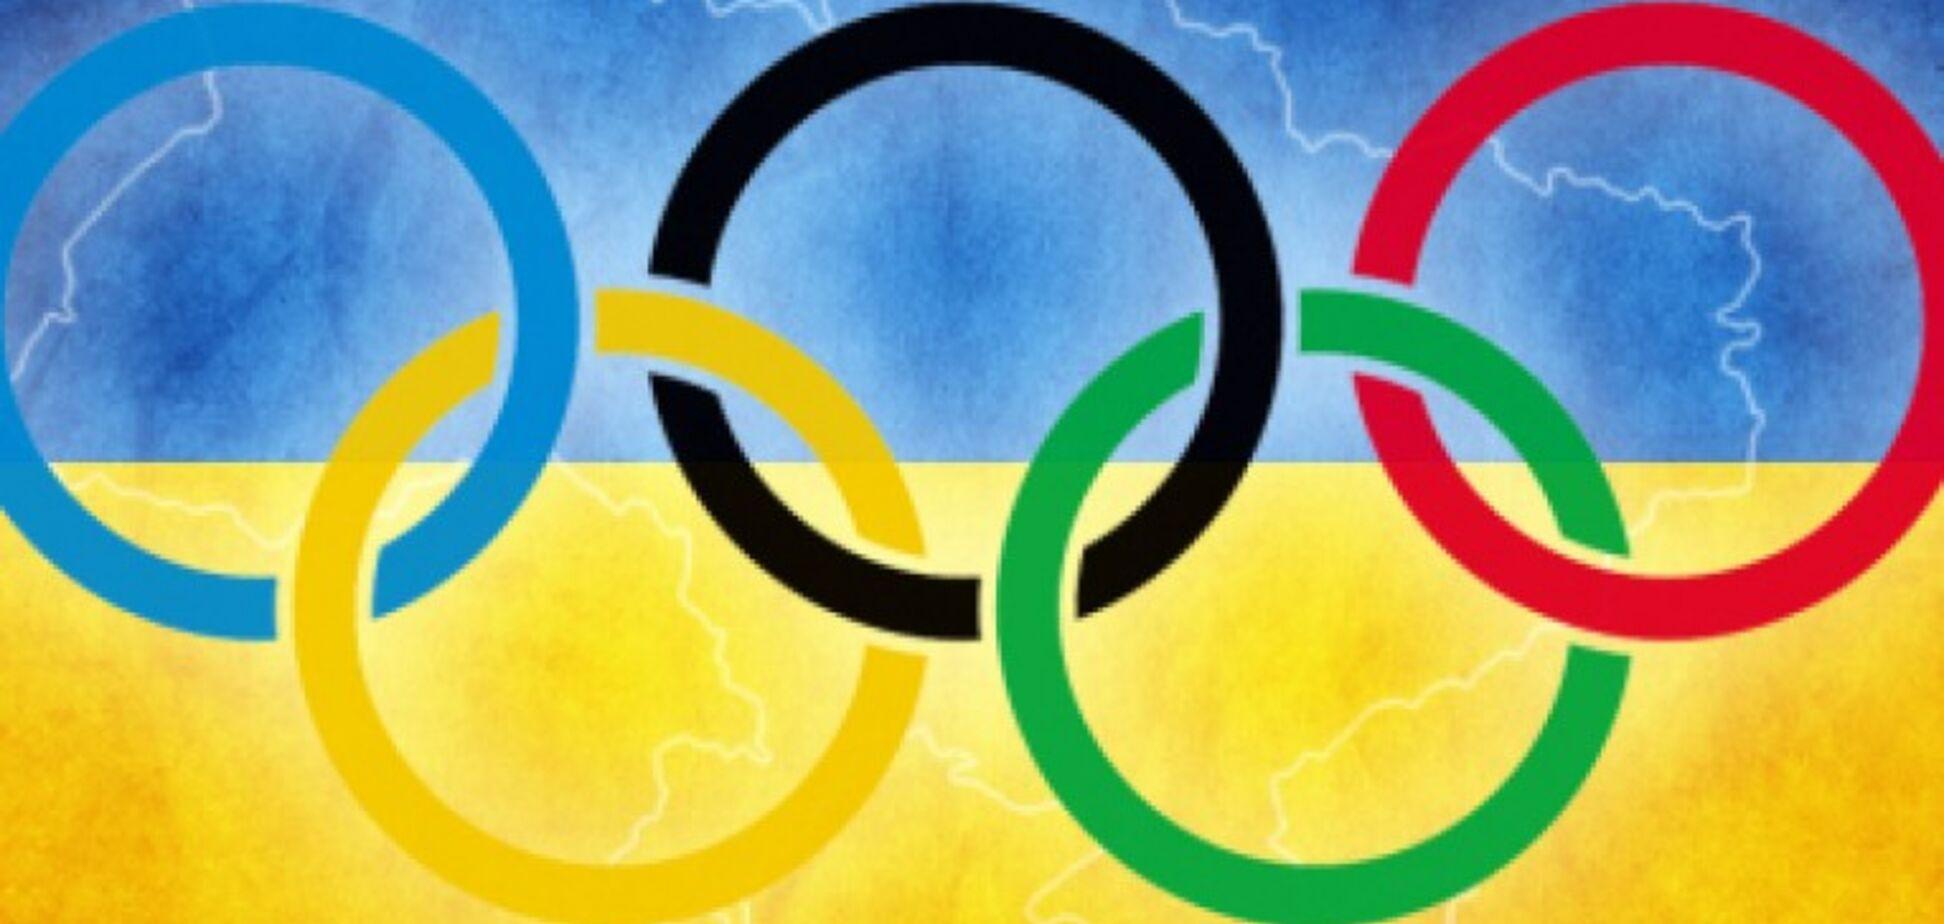 Десять українських спортсменів позбавили олімпійських медалей через допінг